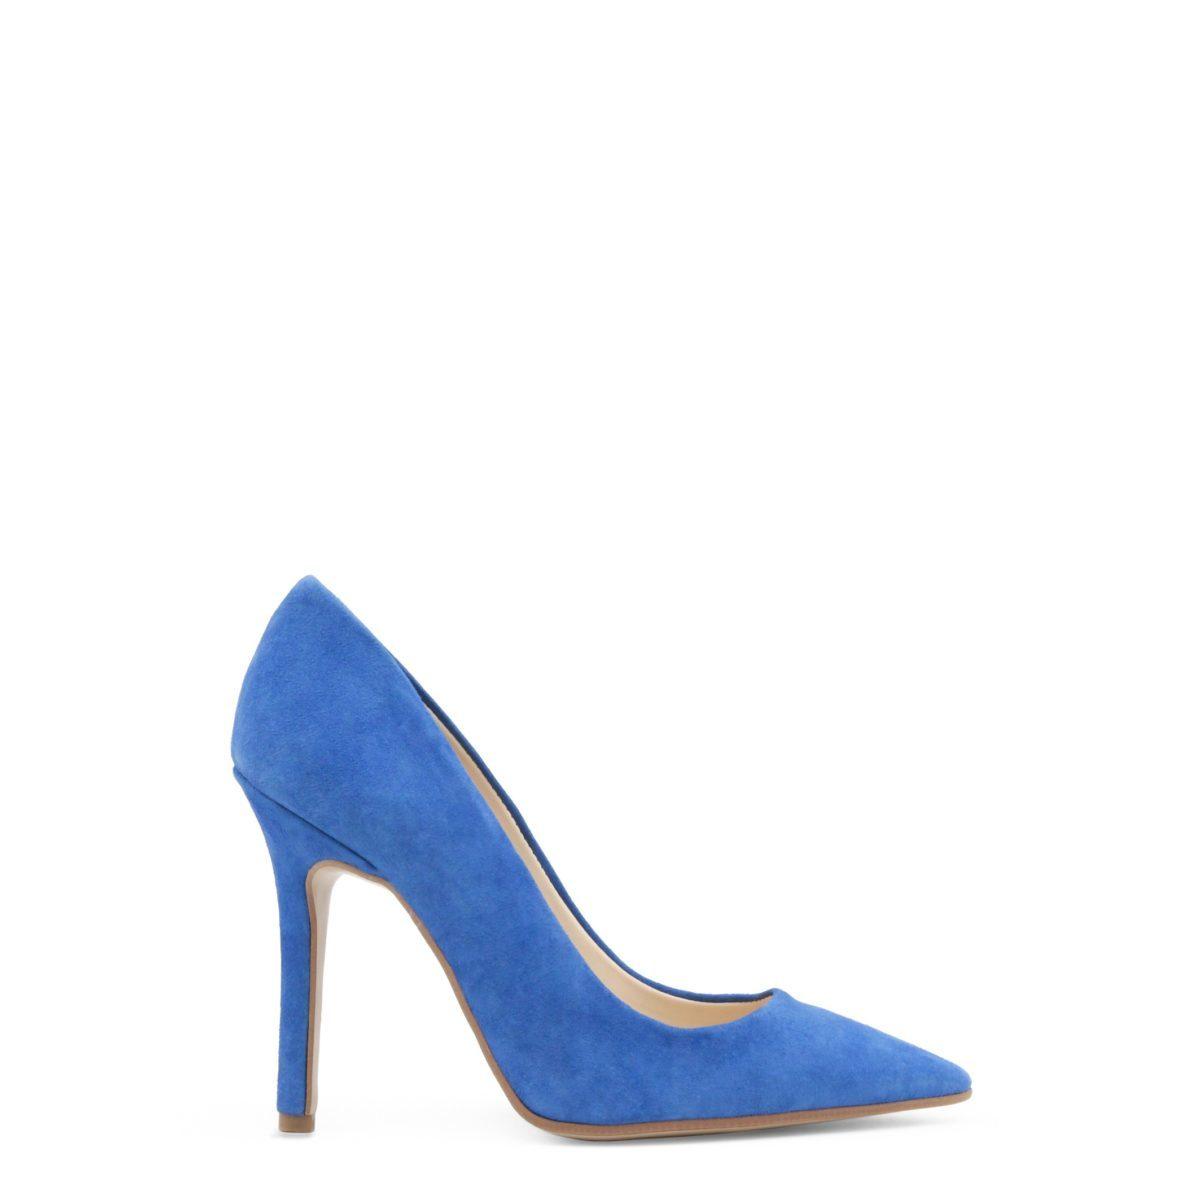 Escarpins En Made Suede Bleu Italia In Buzzao Pointus 8vnwyNOm0